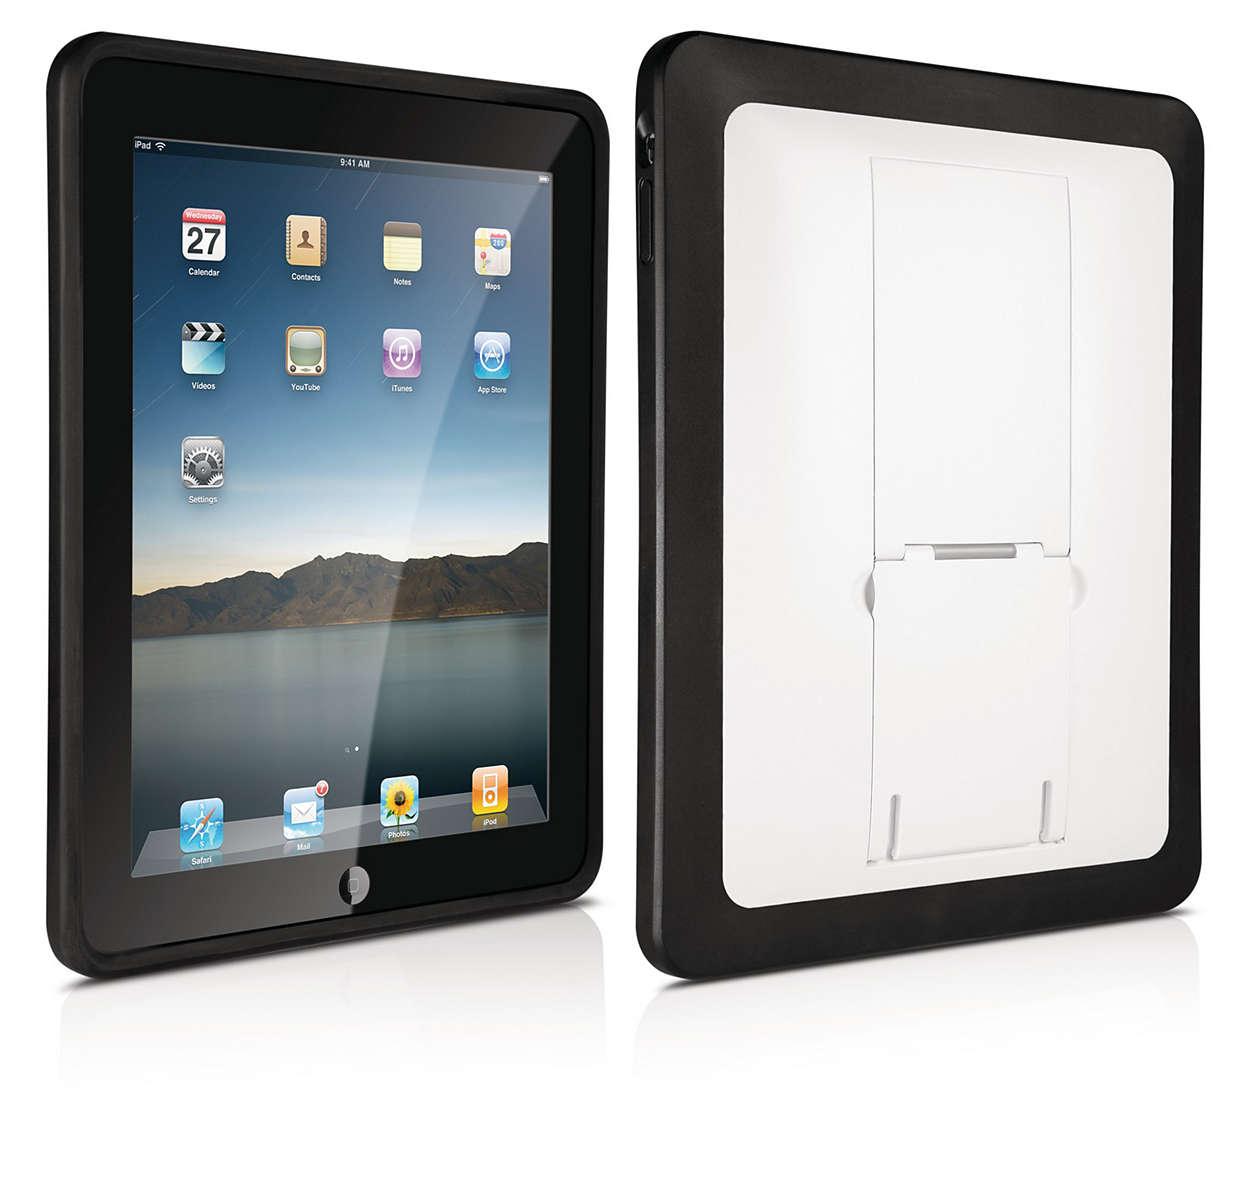 Protégez votre iPad grâce à une coque rigide